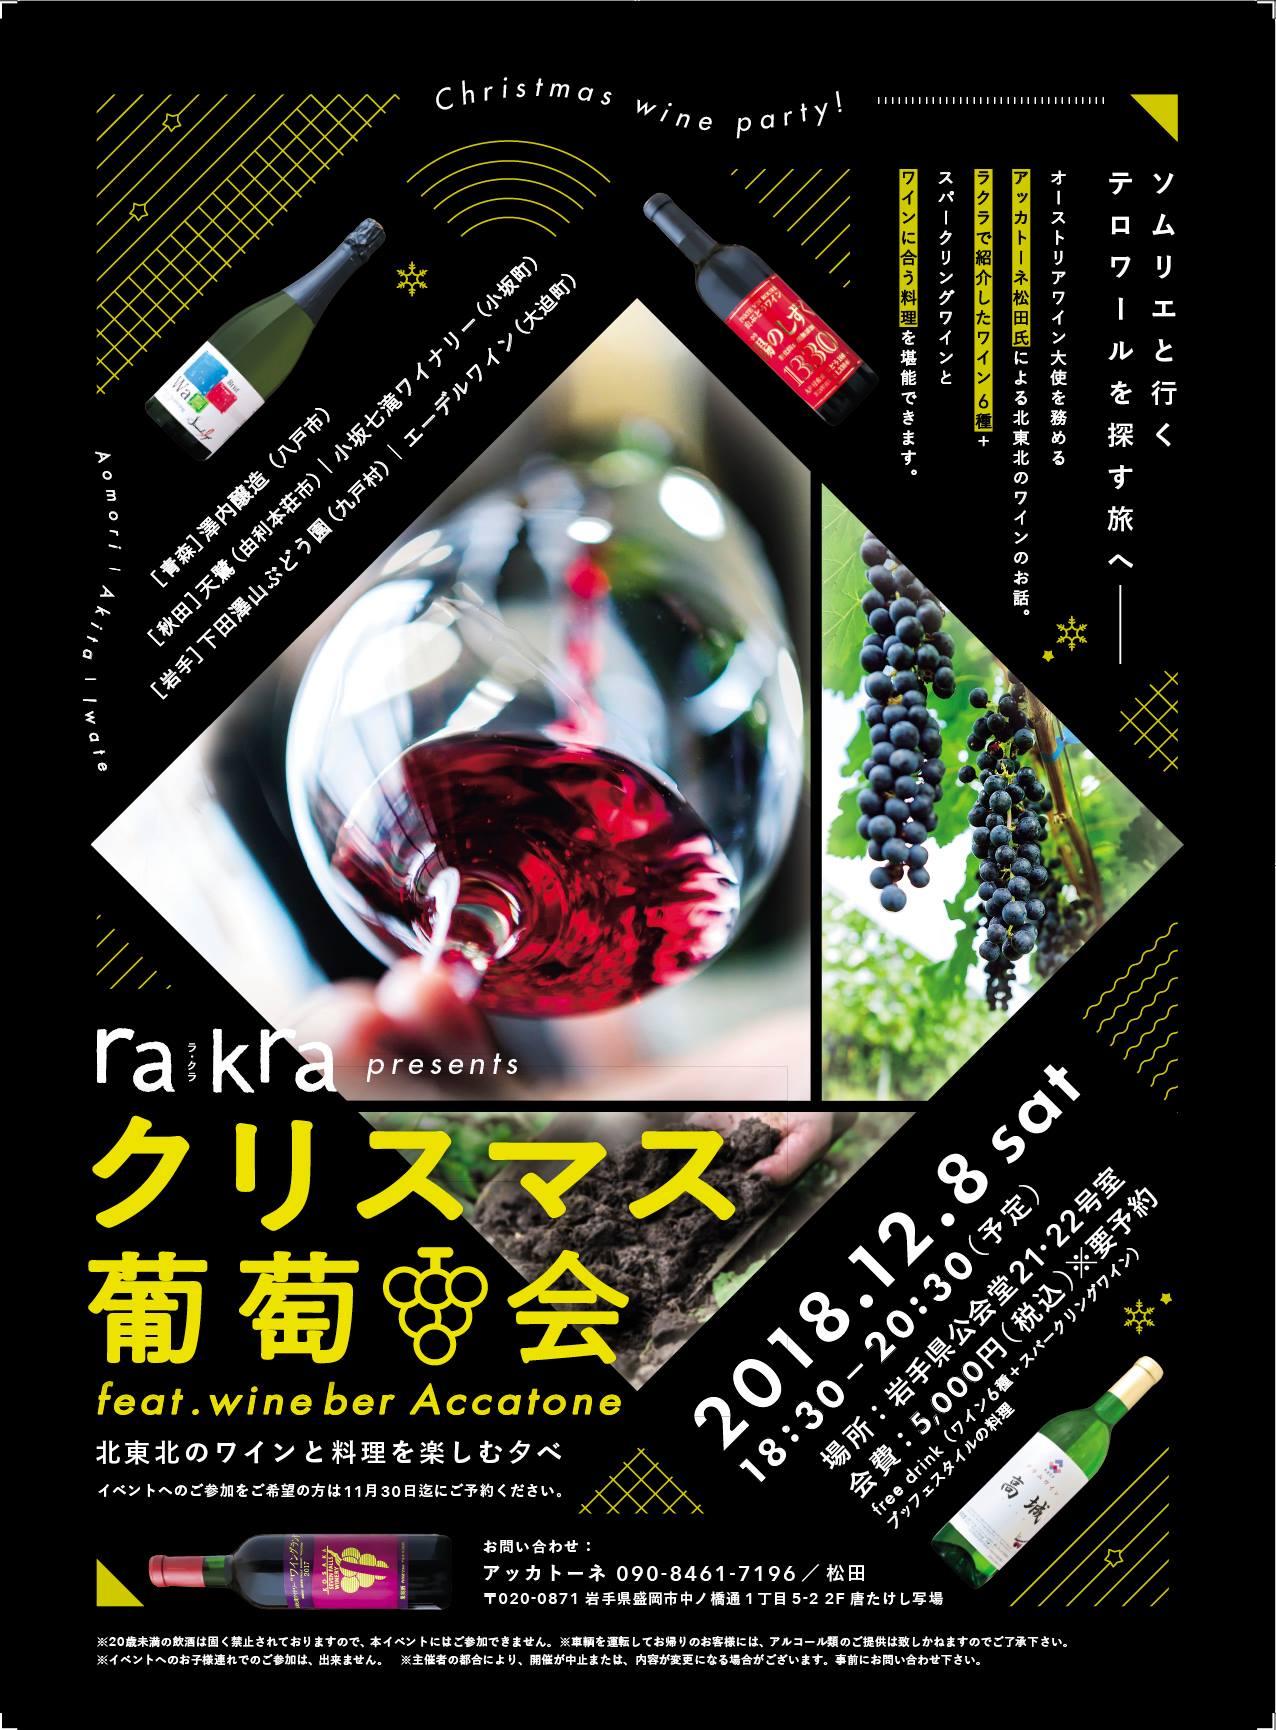 ラ・クラ プレゼンツ クリスマス葡萄会 feat.wine bar Accatone